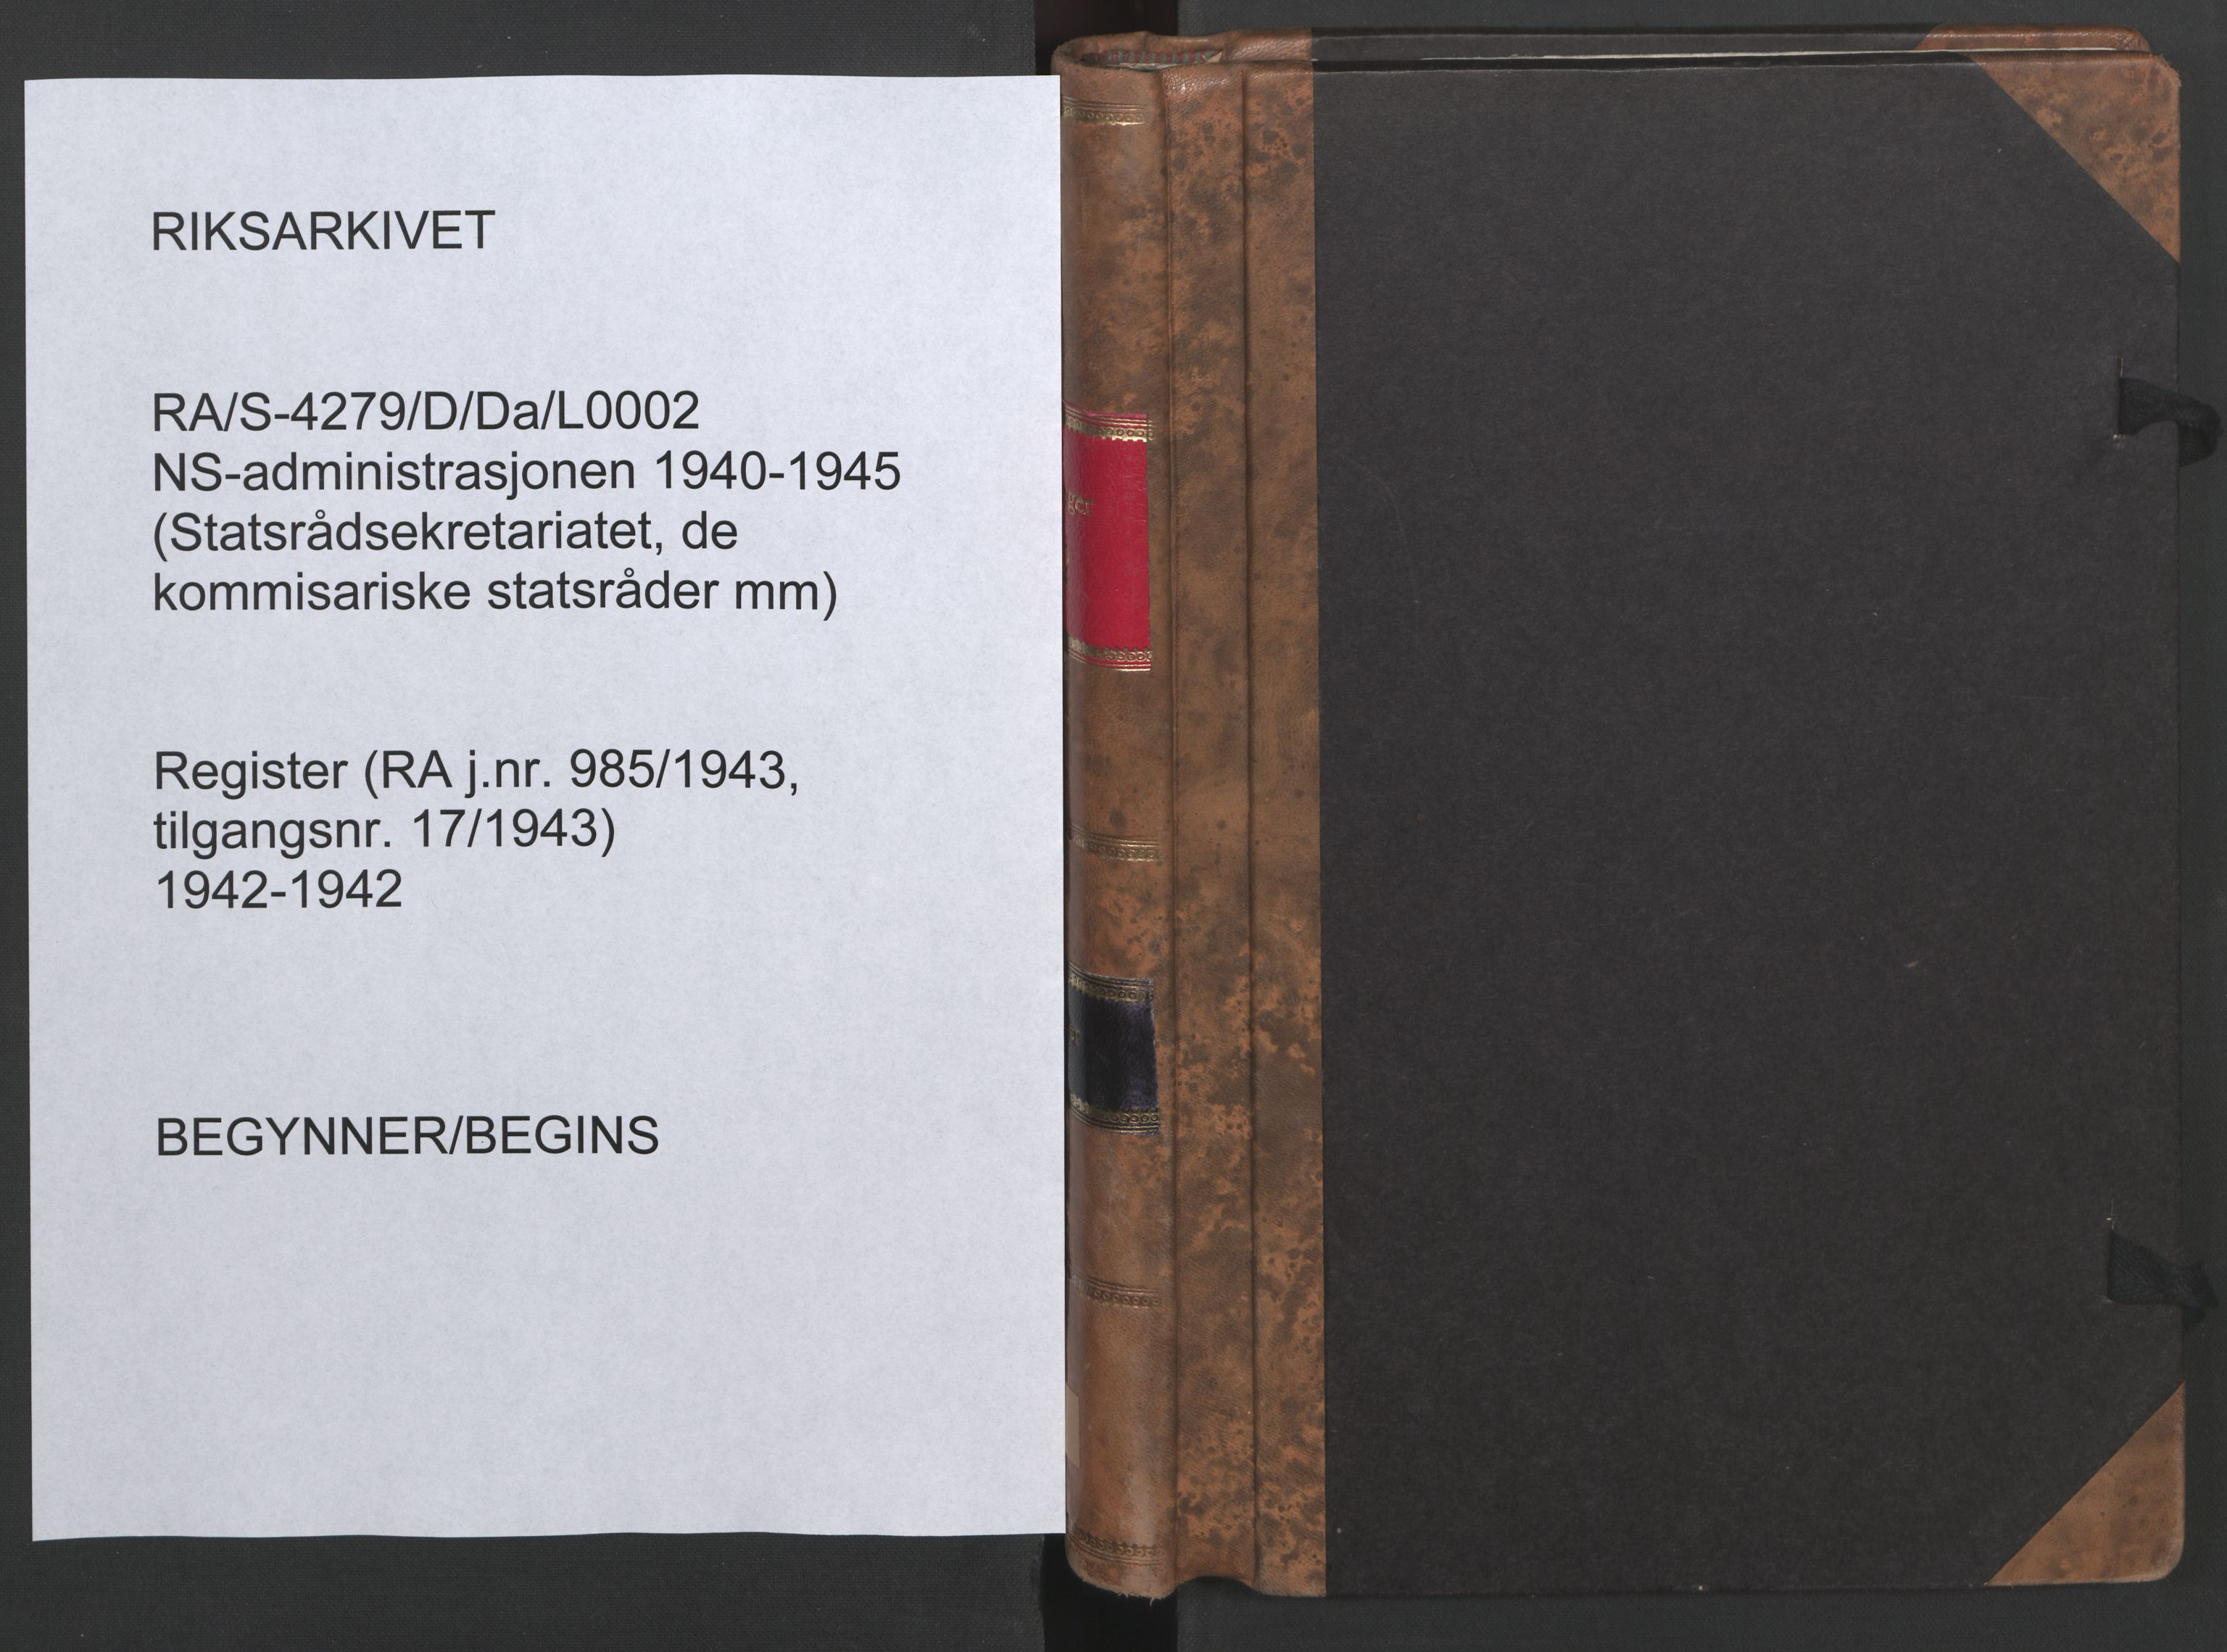 RA, NS-administrasjonen 1940-1945 (Statsrådsekretariatet, de kommisariske statsråder mm), D/Da/L0002: Register (RA j.nr. 985/1943, tilgangsnr. 17/1943), 1942, s. upaginert